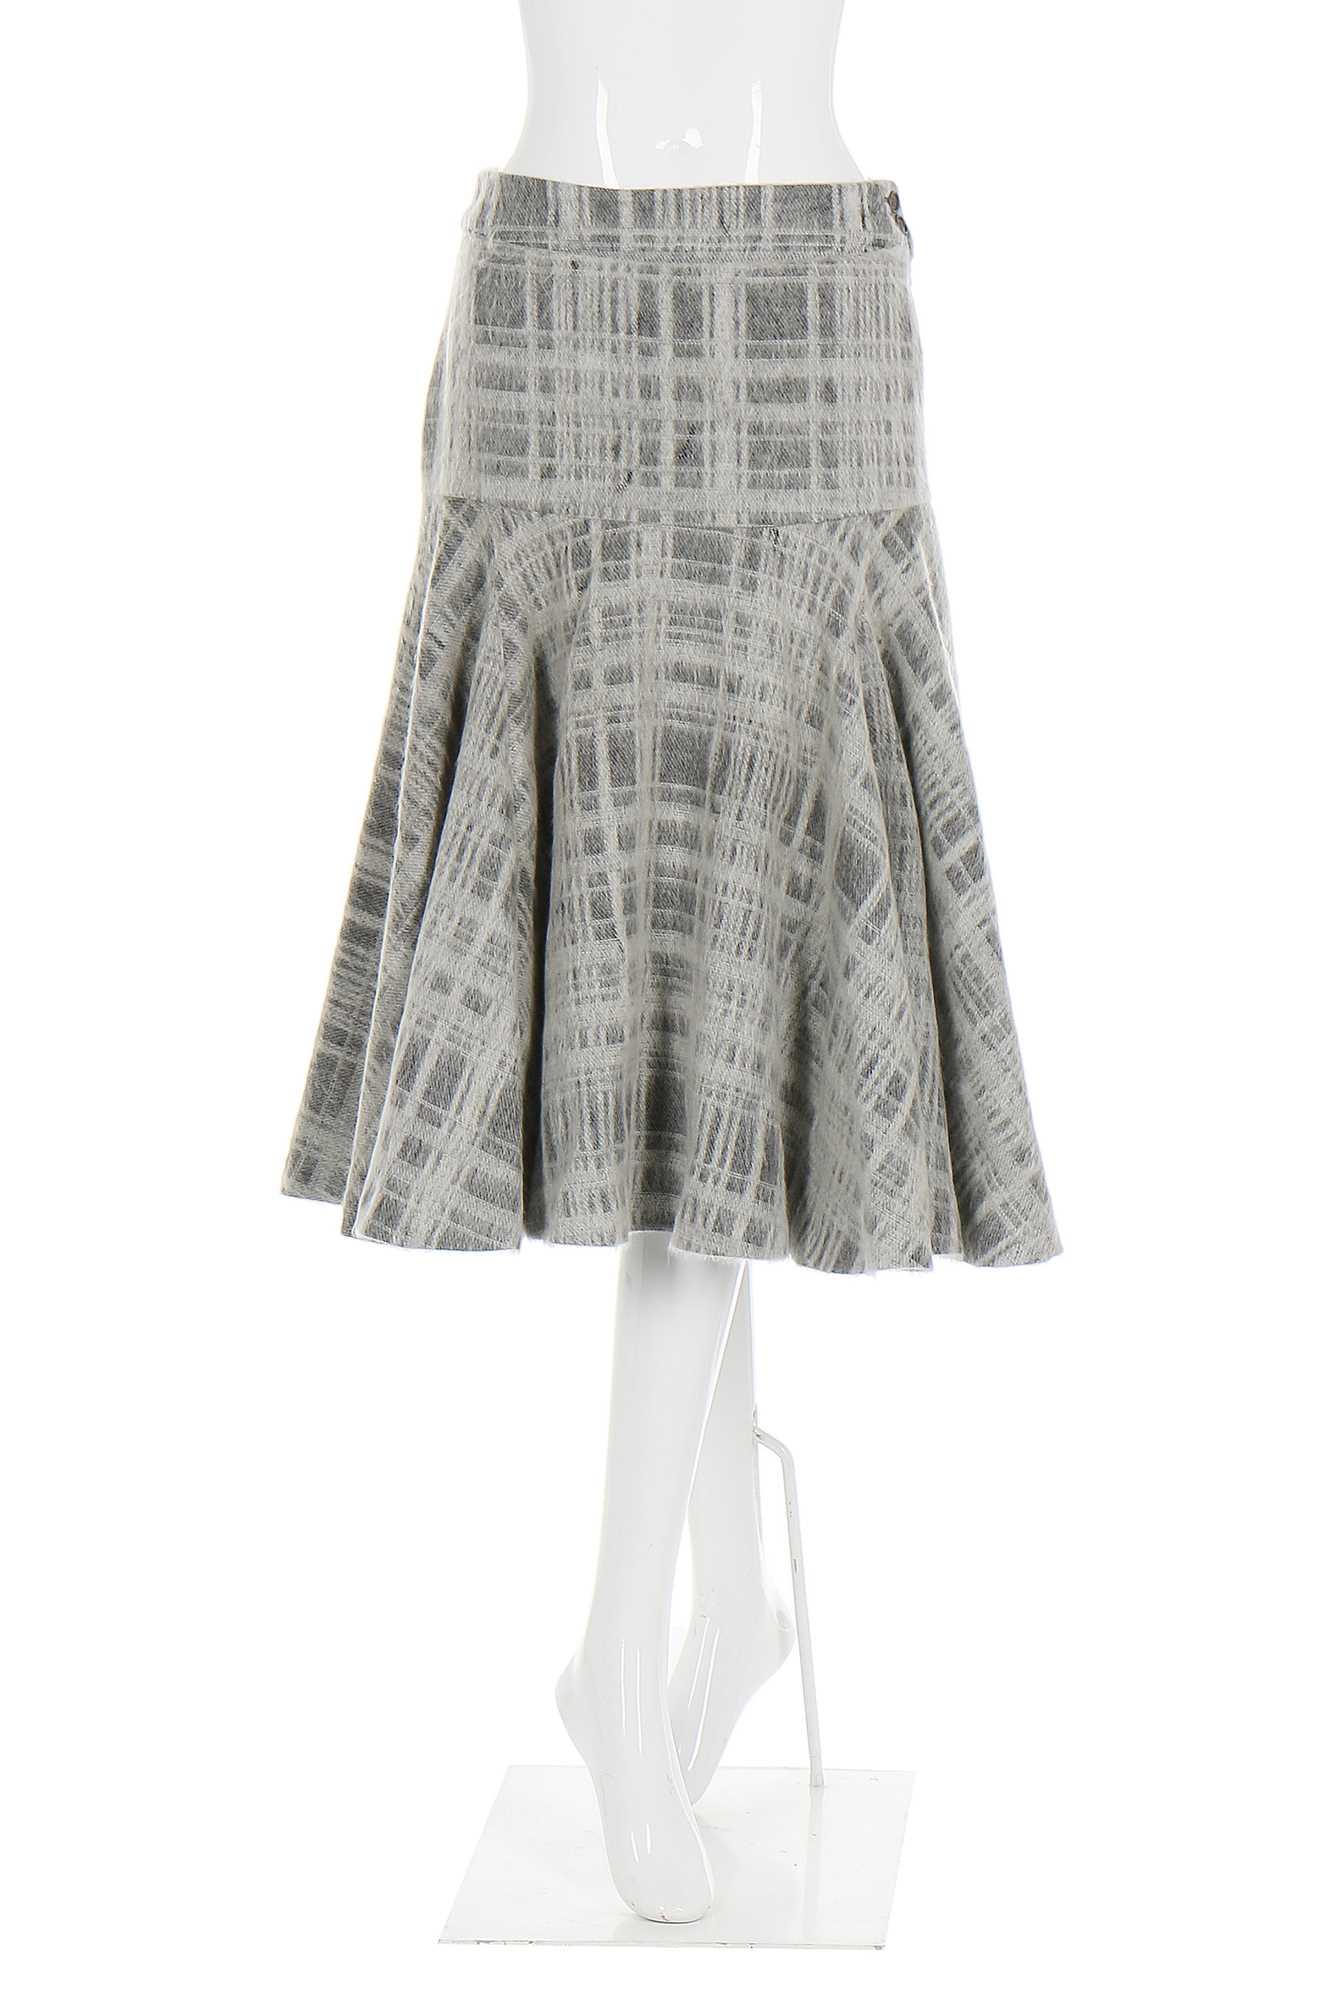 Lot 13-Alexander McQueen grey plaid mohair 'skating' skirt, 'The Overlook', Autumn-Winter 1999-2000